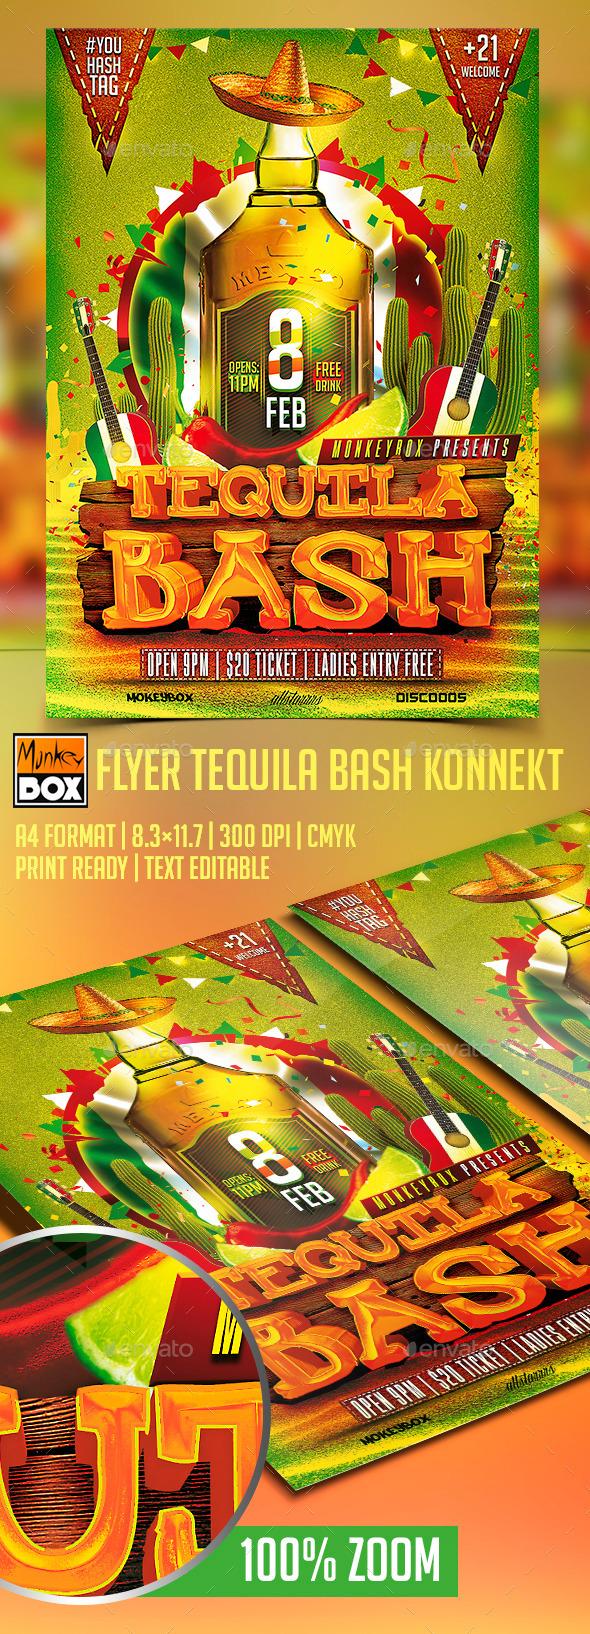 Flyer Tequila Bash Konnekt